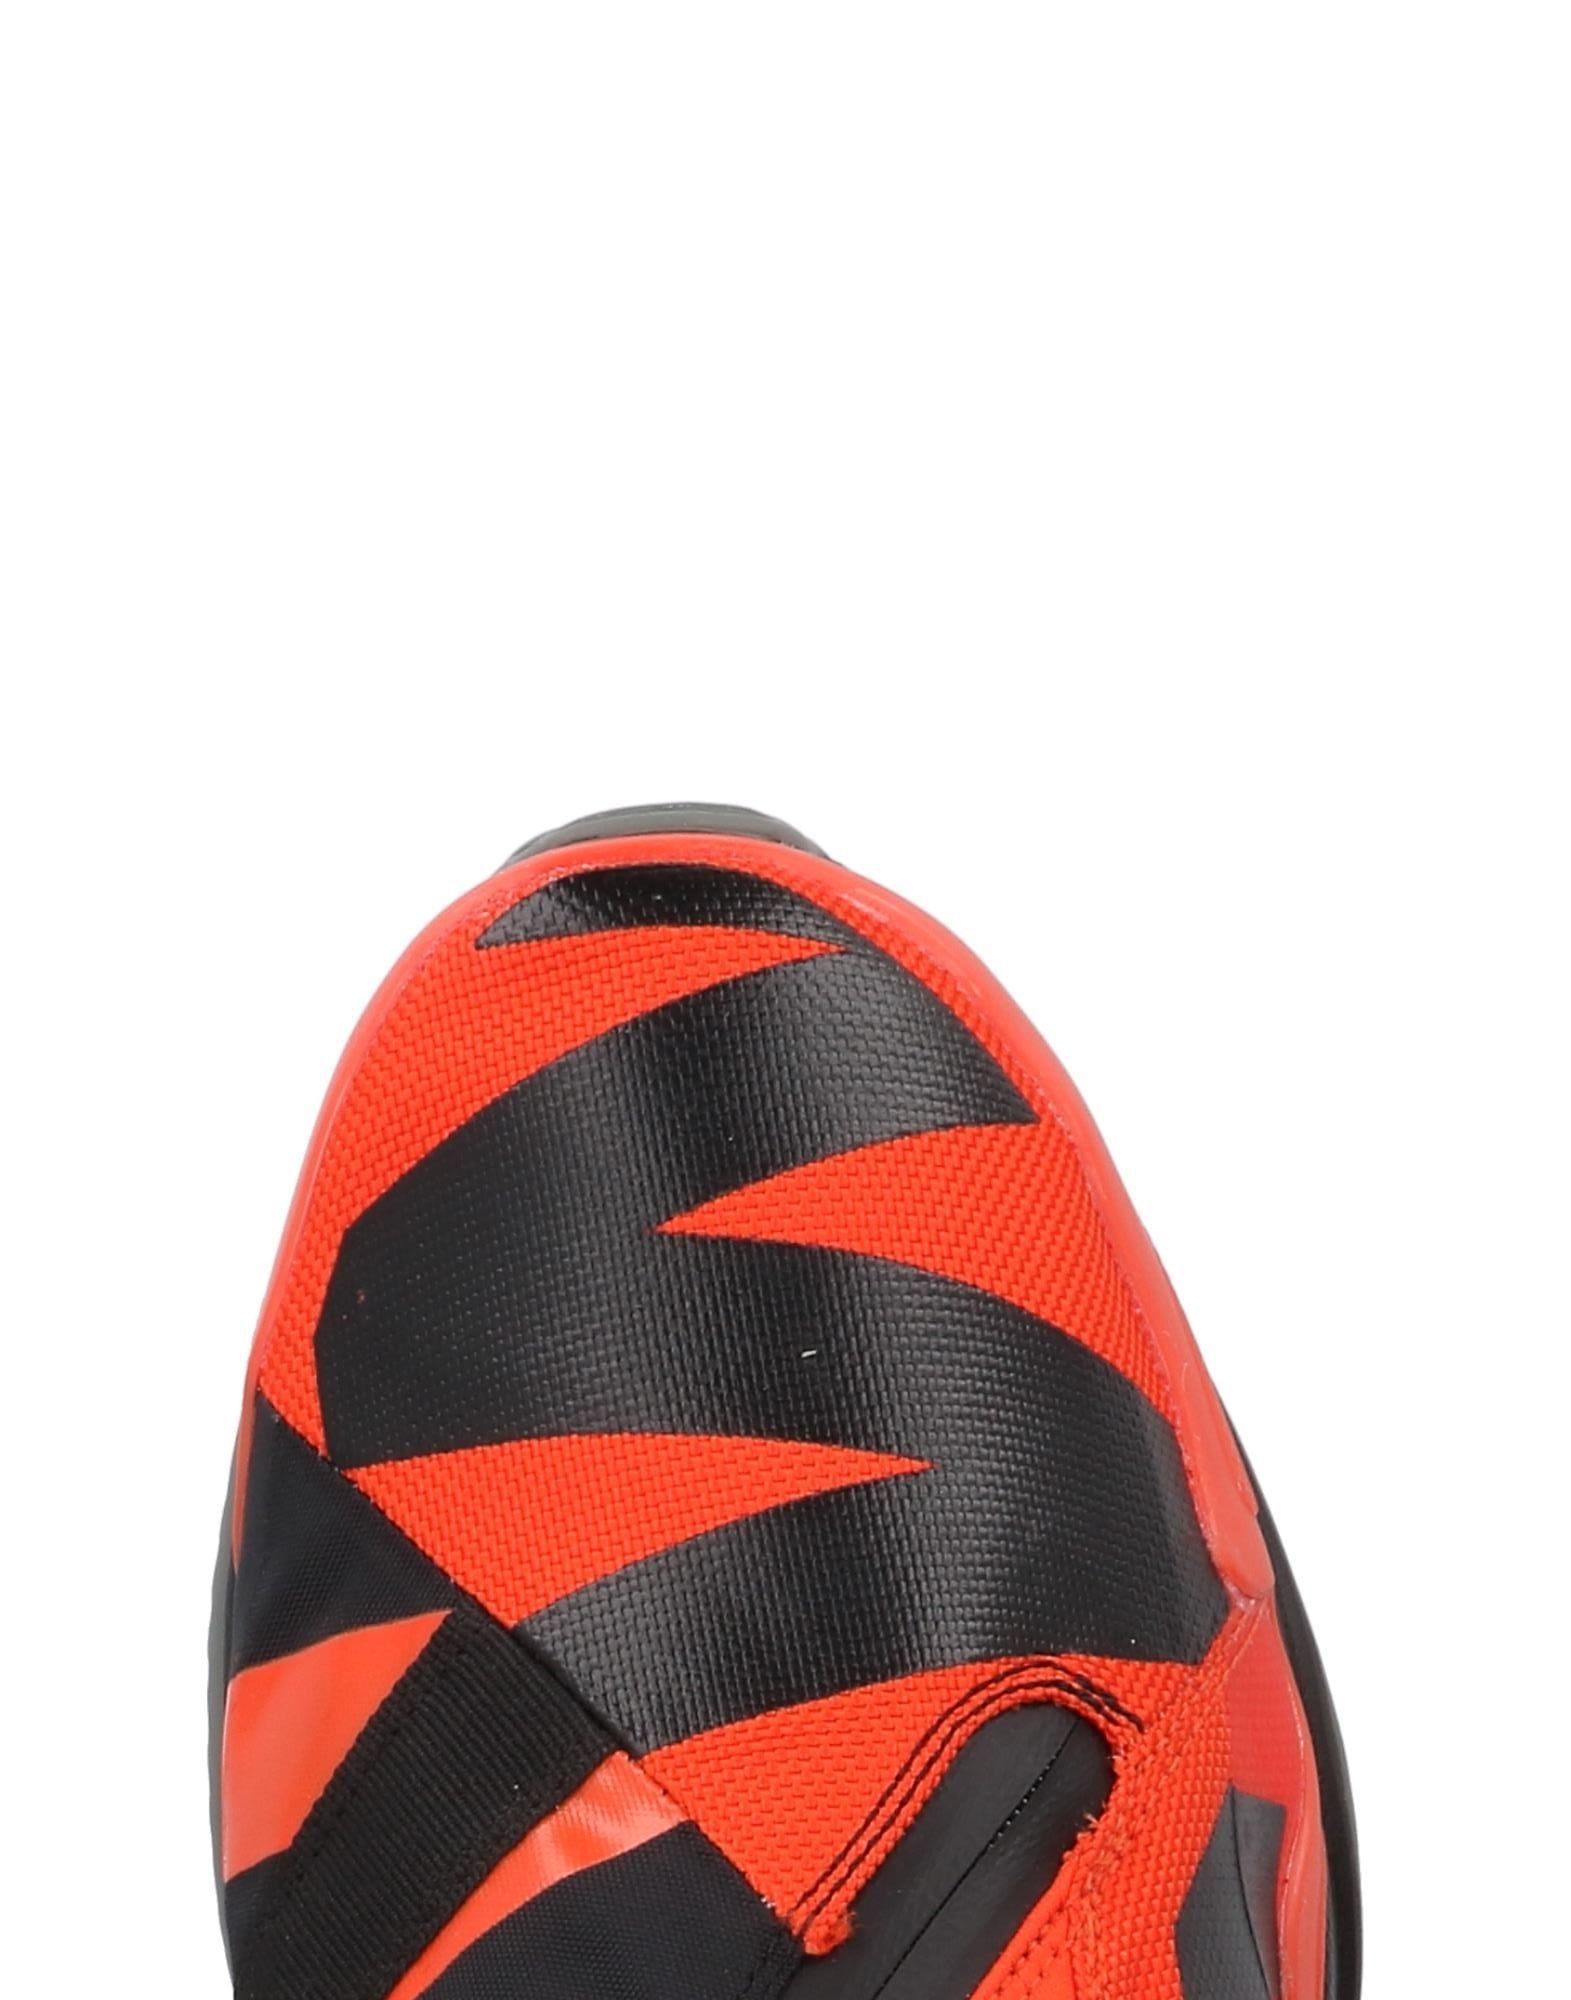 Scarpe economiche e resistenti Sneakers Nike 11466199WO Uomo - 11466199WO Nike 8093a2